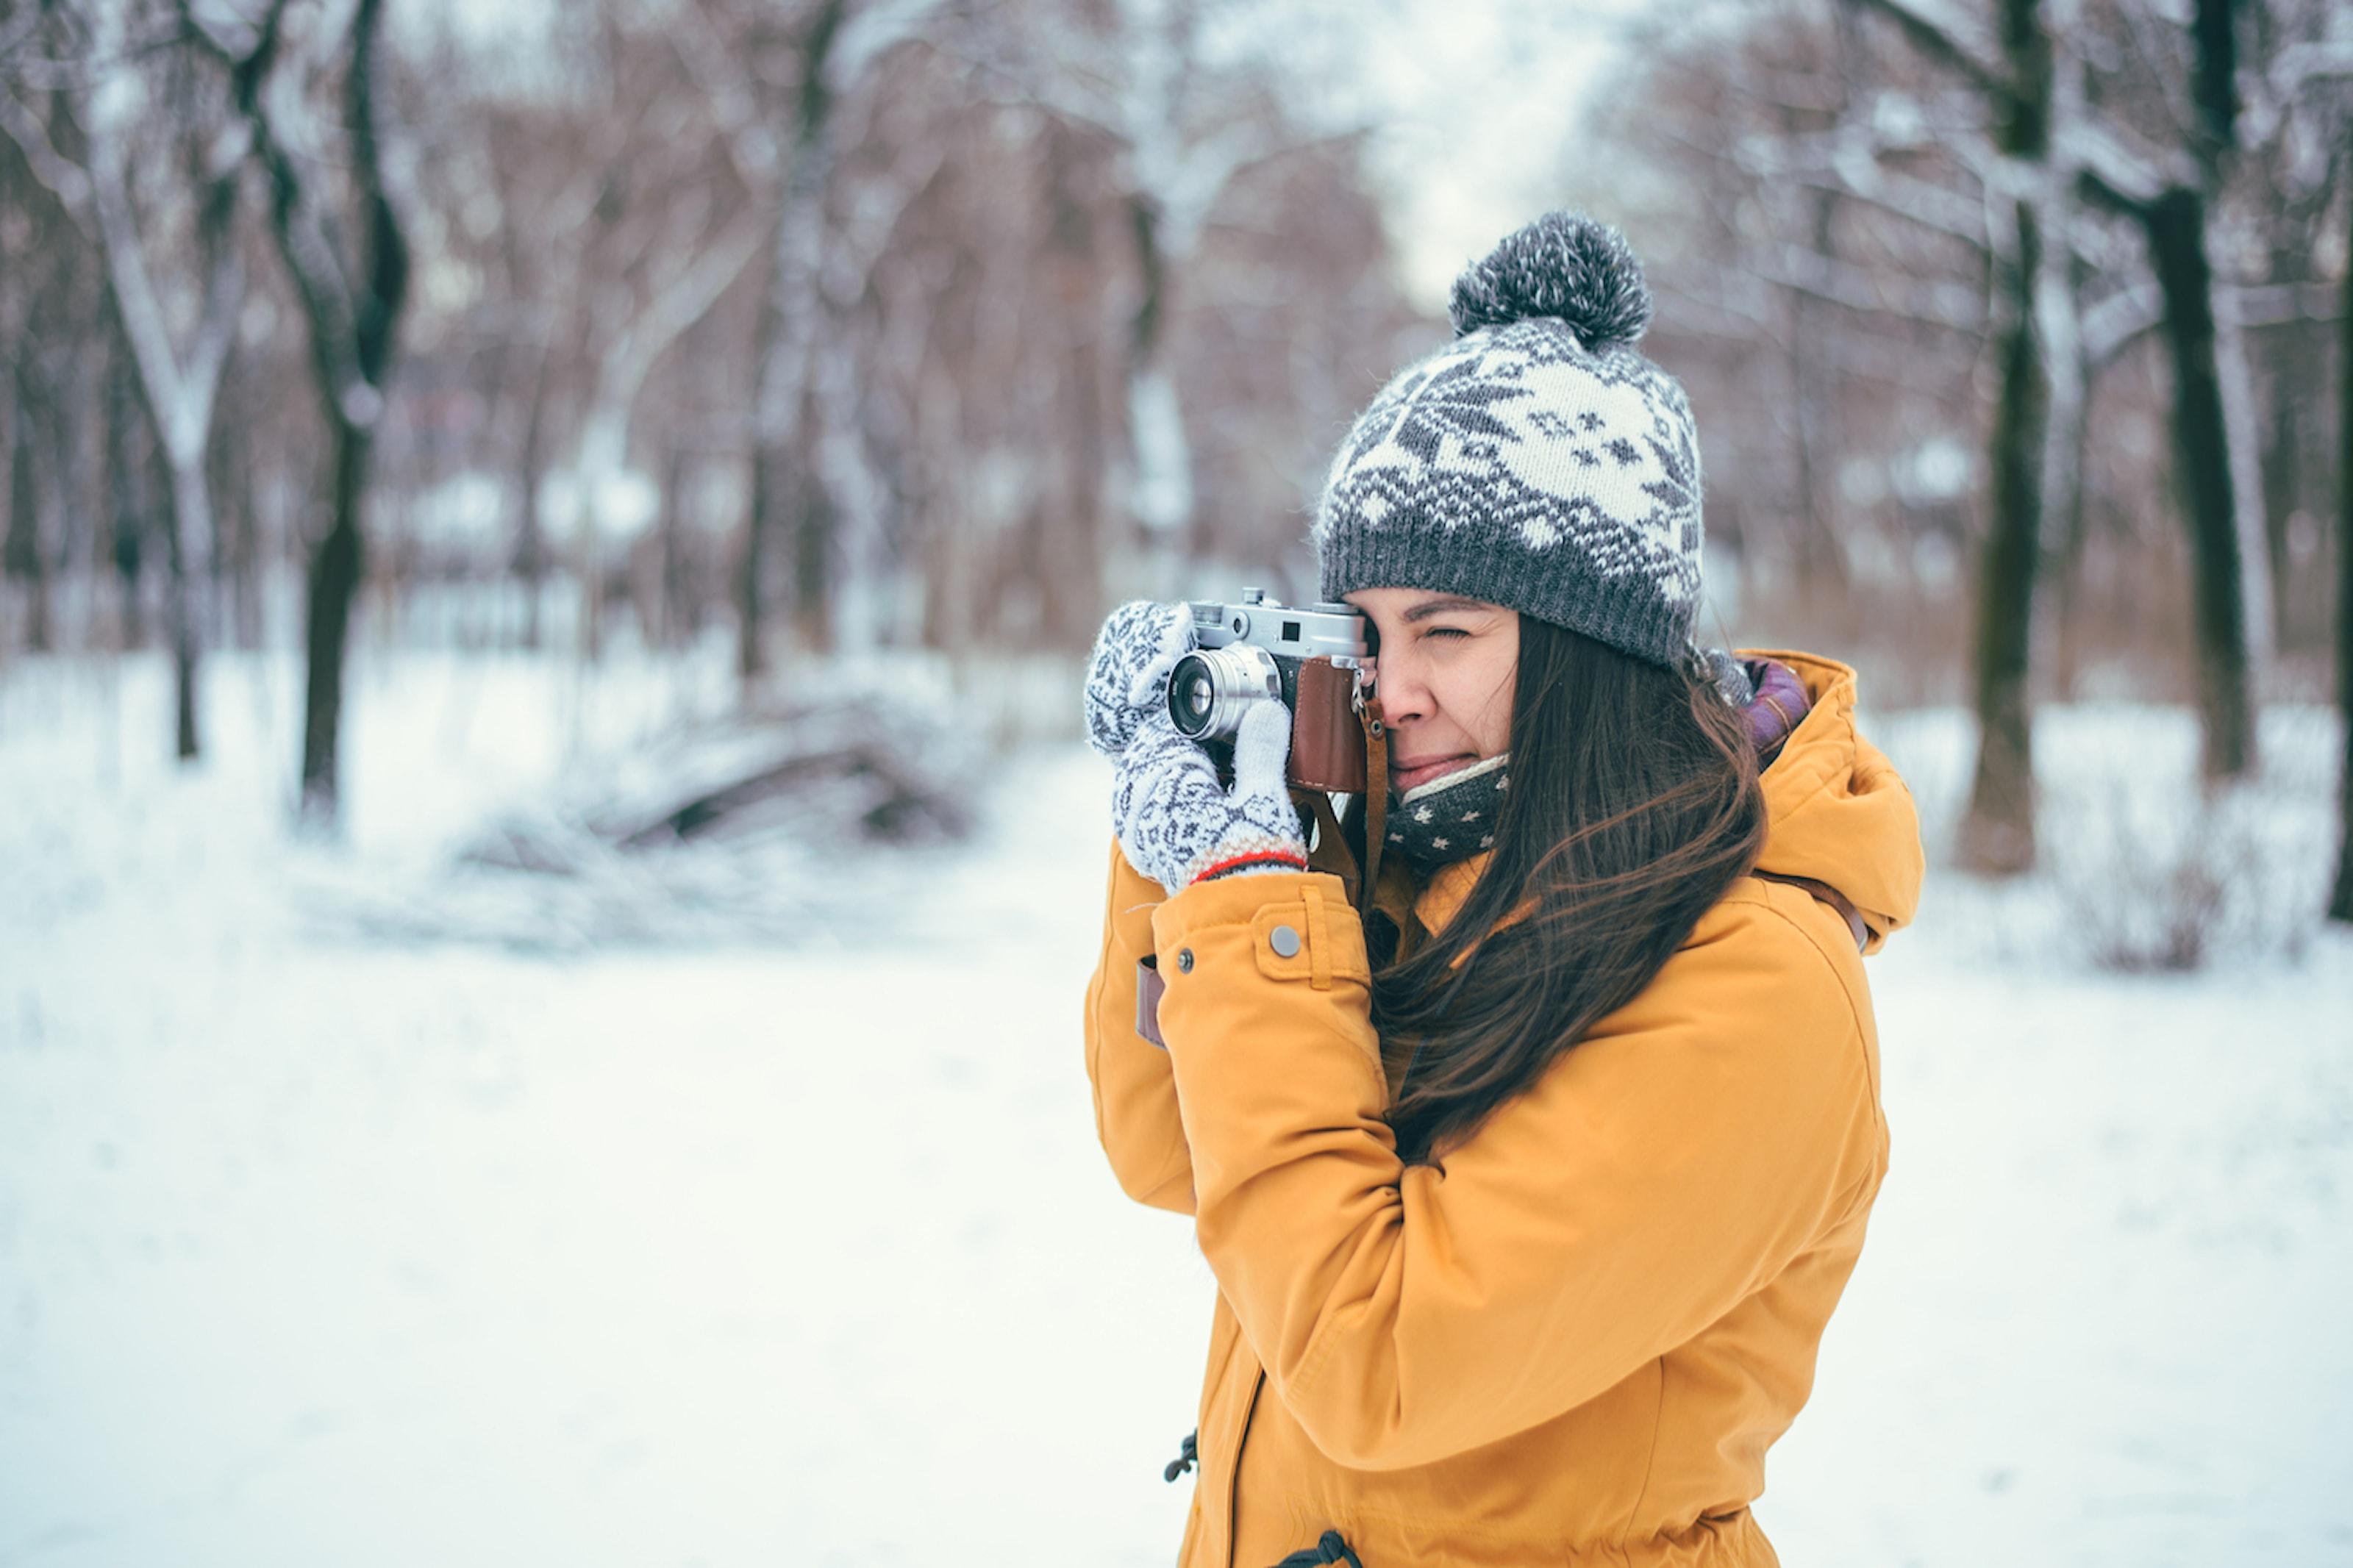 Fotokurs med professionell fotograf